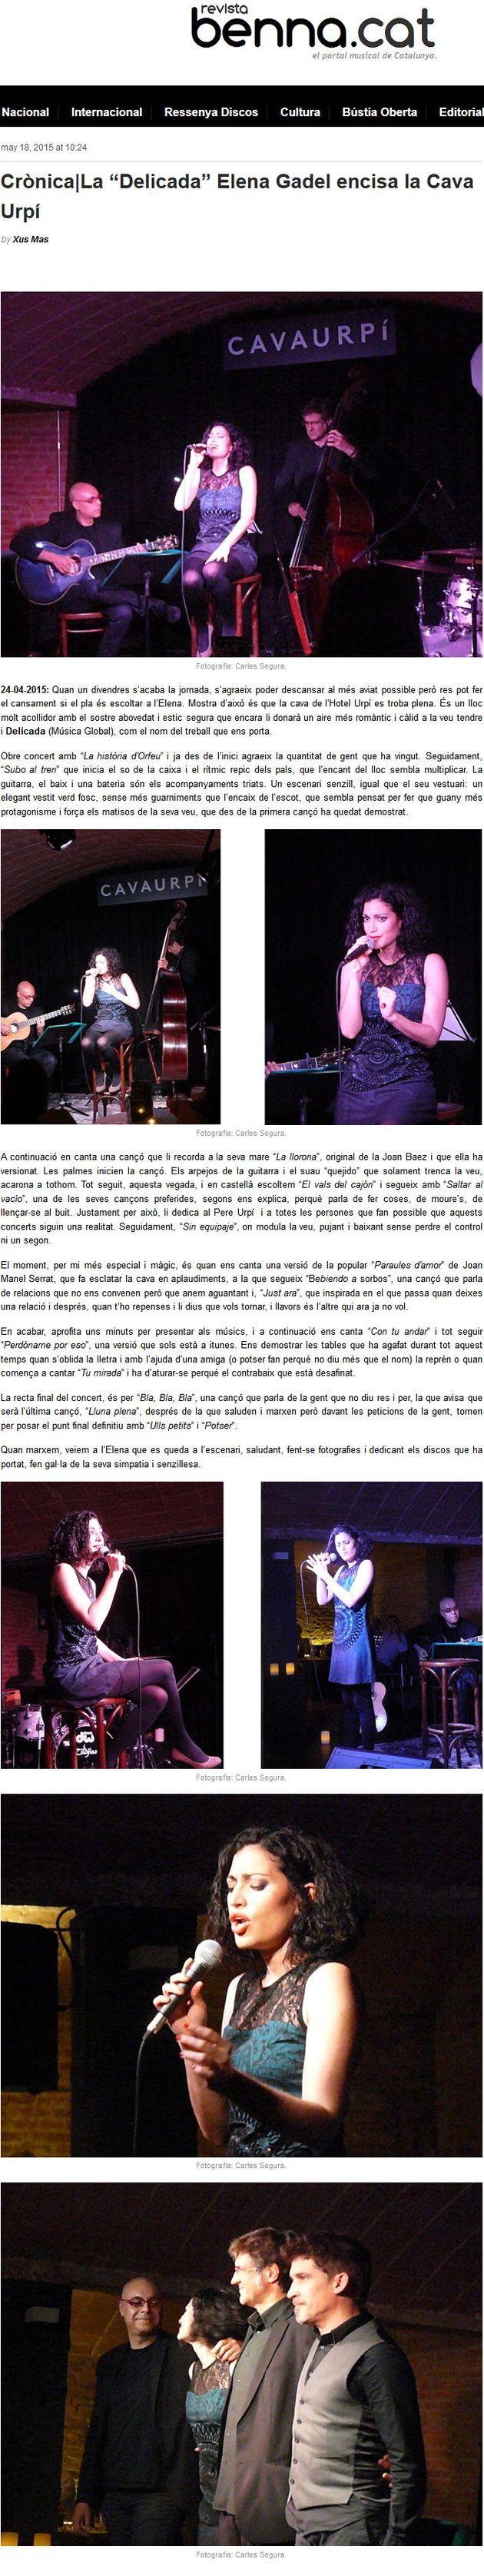 Revista Benna: Crònica concert Elena Gadel